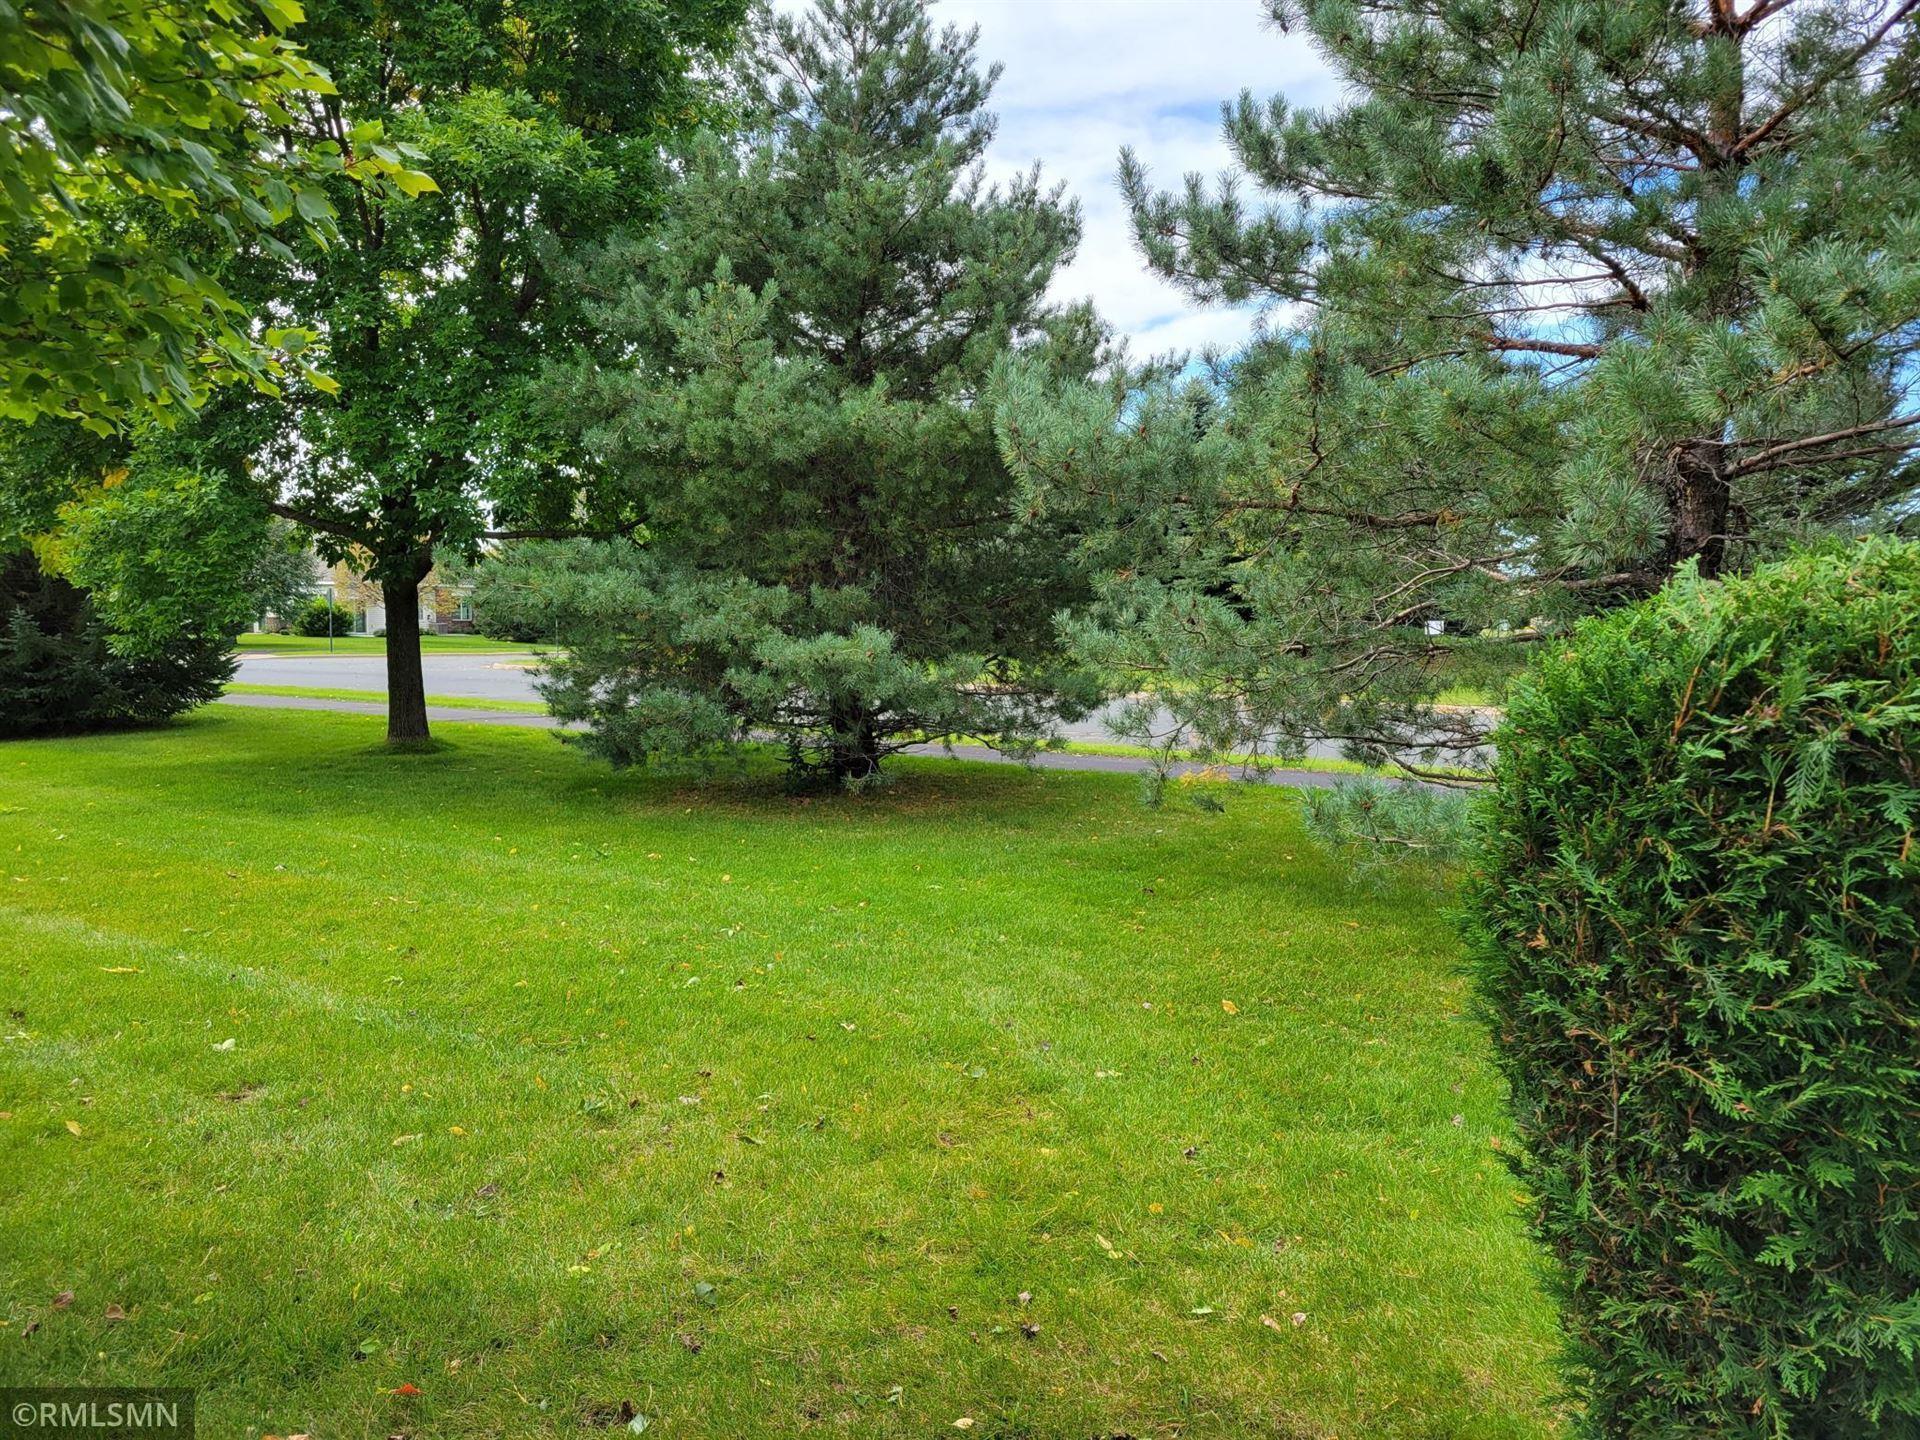 Photo of 5227 Eagle Lane #184, Farmington, MN 55024 (MLS # 6102560)